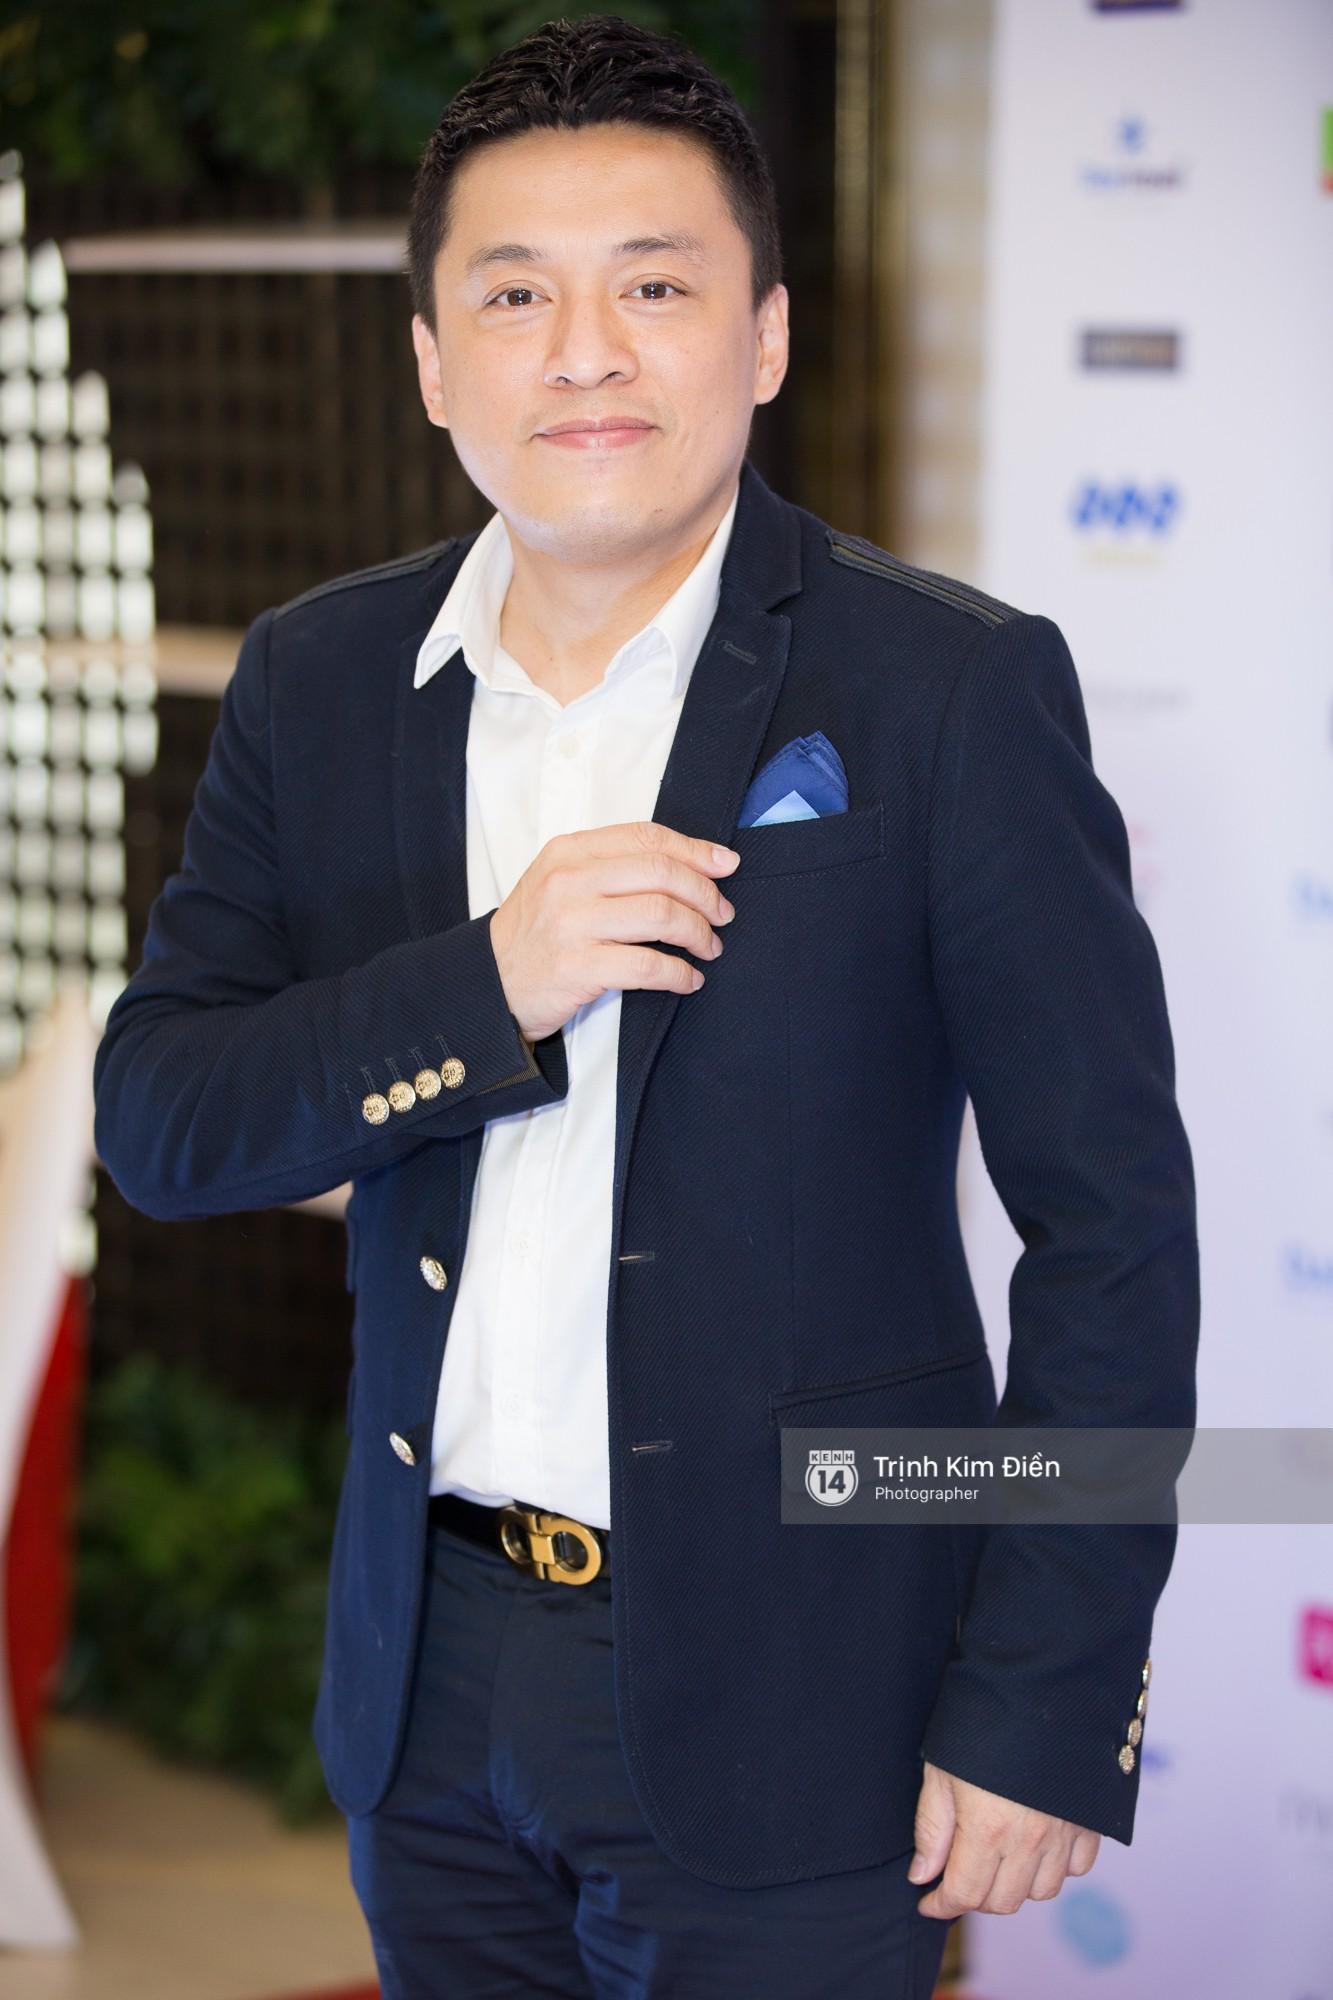 Hoa Hậu Việt Nam 2018: BGK lần đầu lộ diện trong sự kiện họp báo - Ảnh 11.